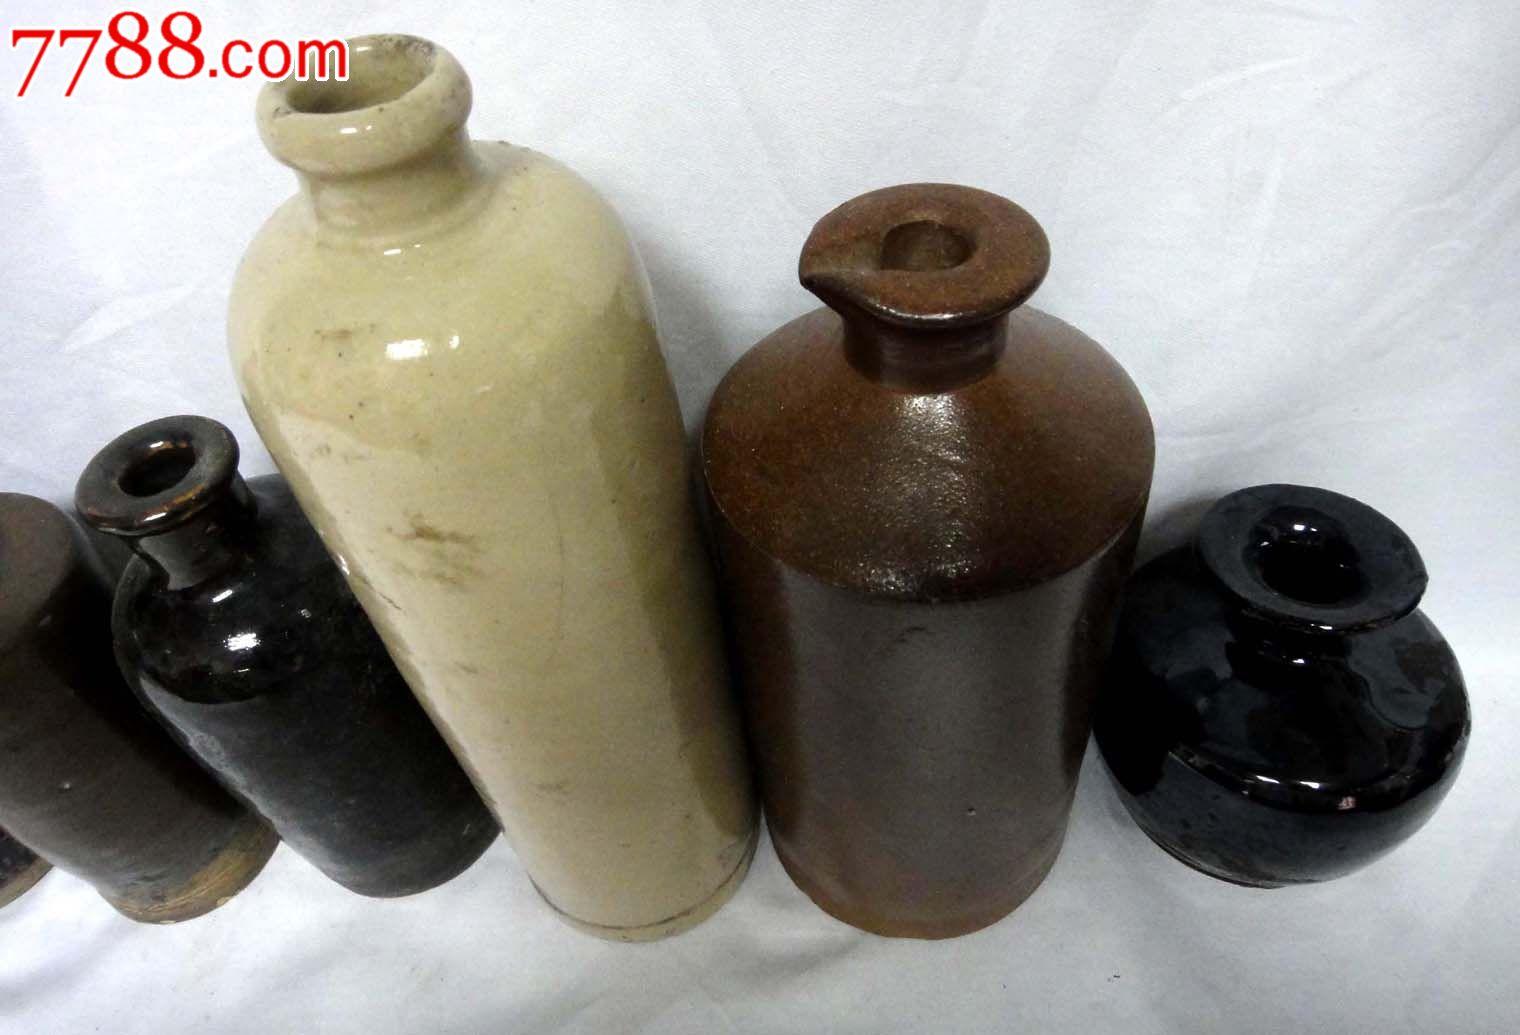 老酒瓶,一組圖片